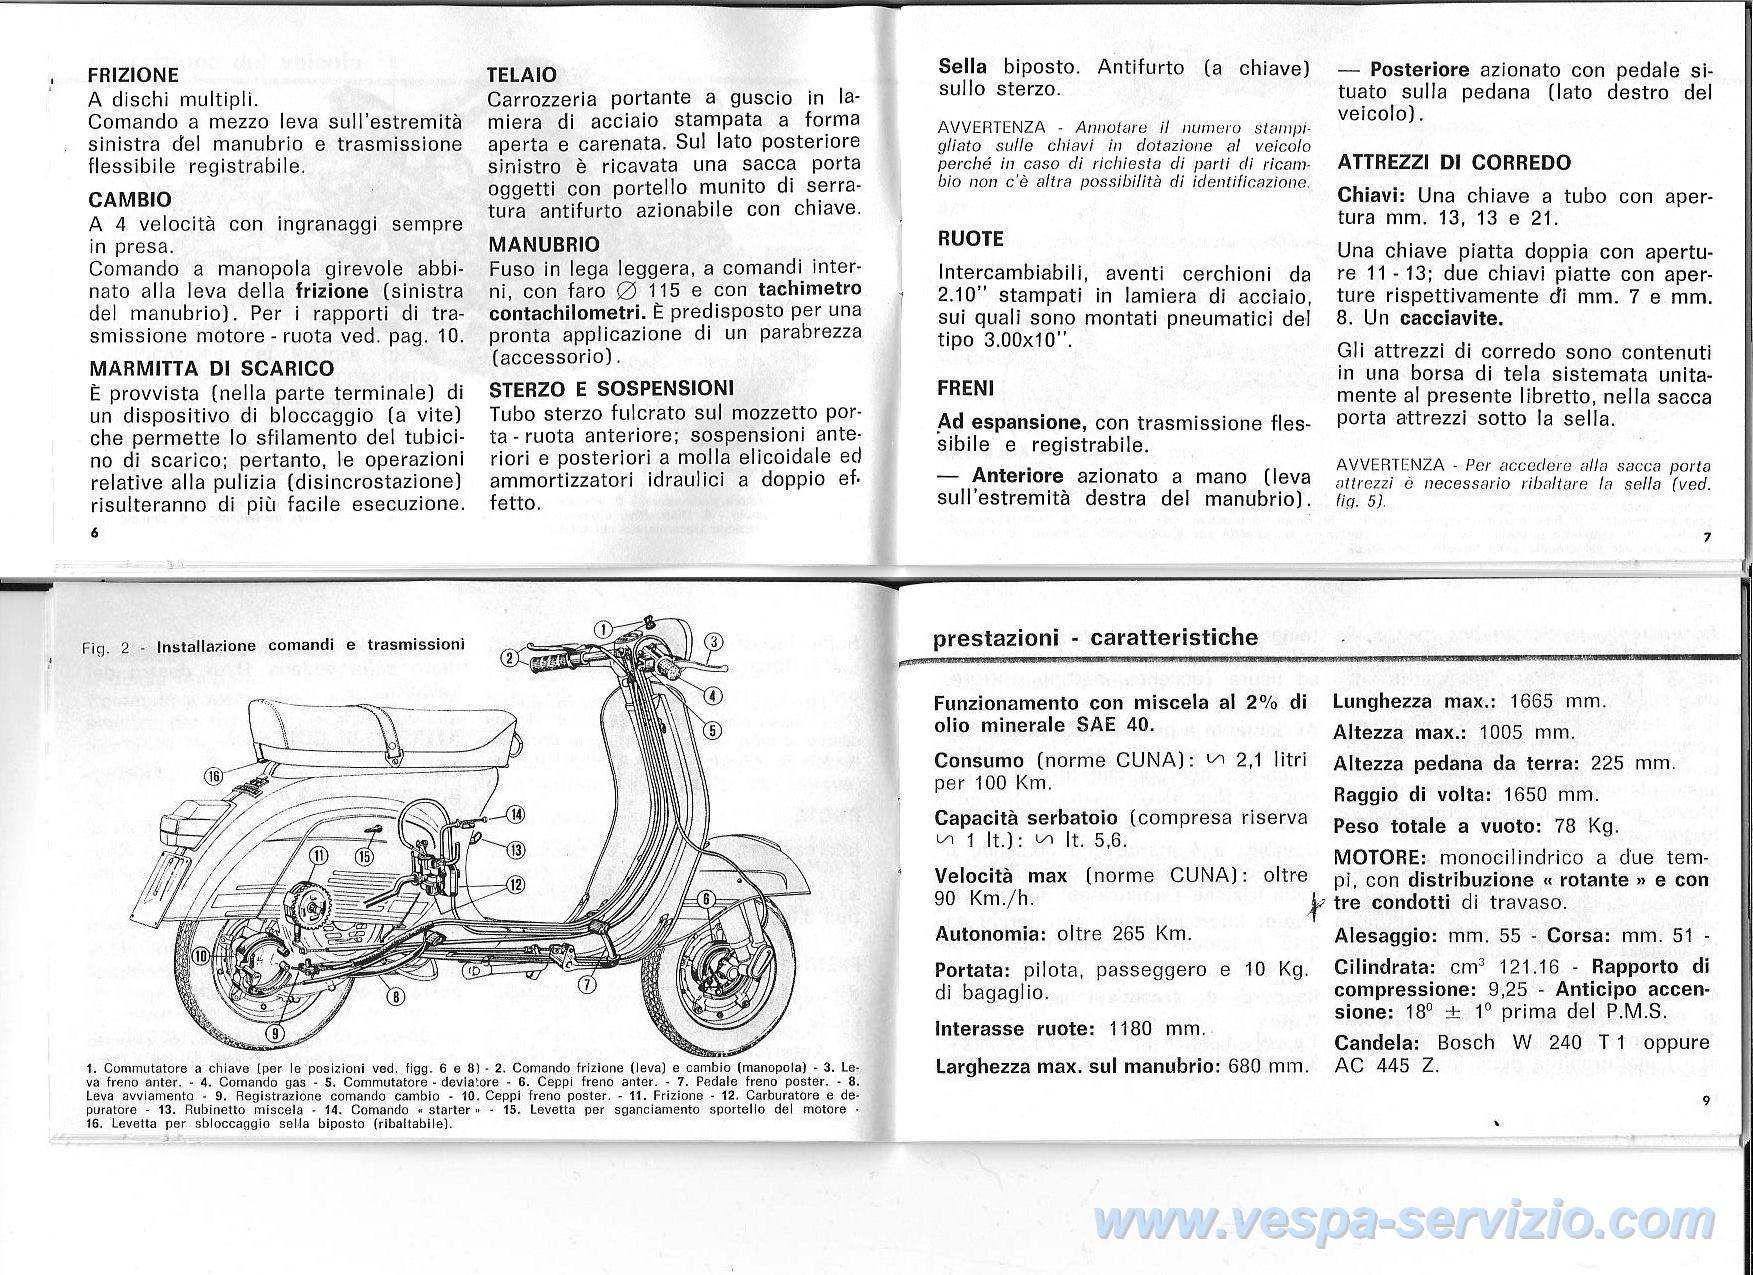 - Manuale d'Uso e Manutenzione Vespa 125 Et3 e Primavera